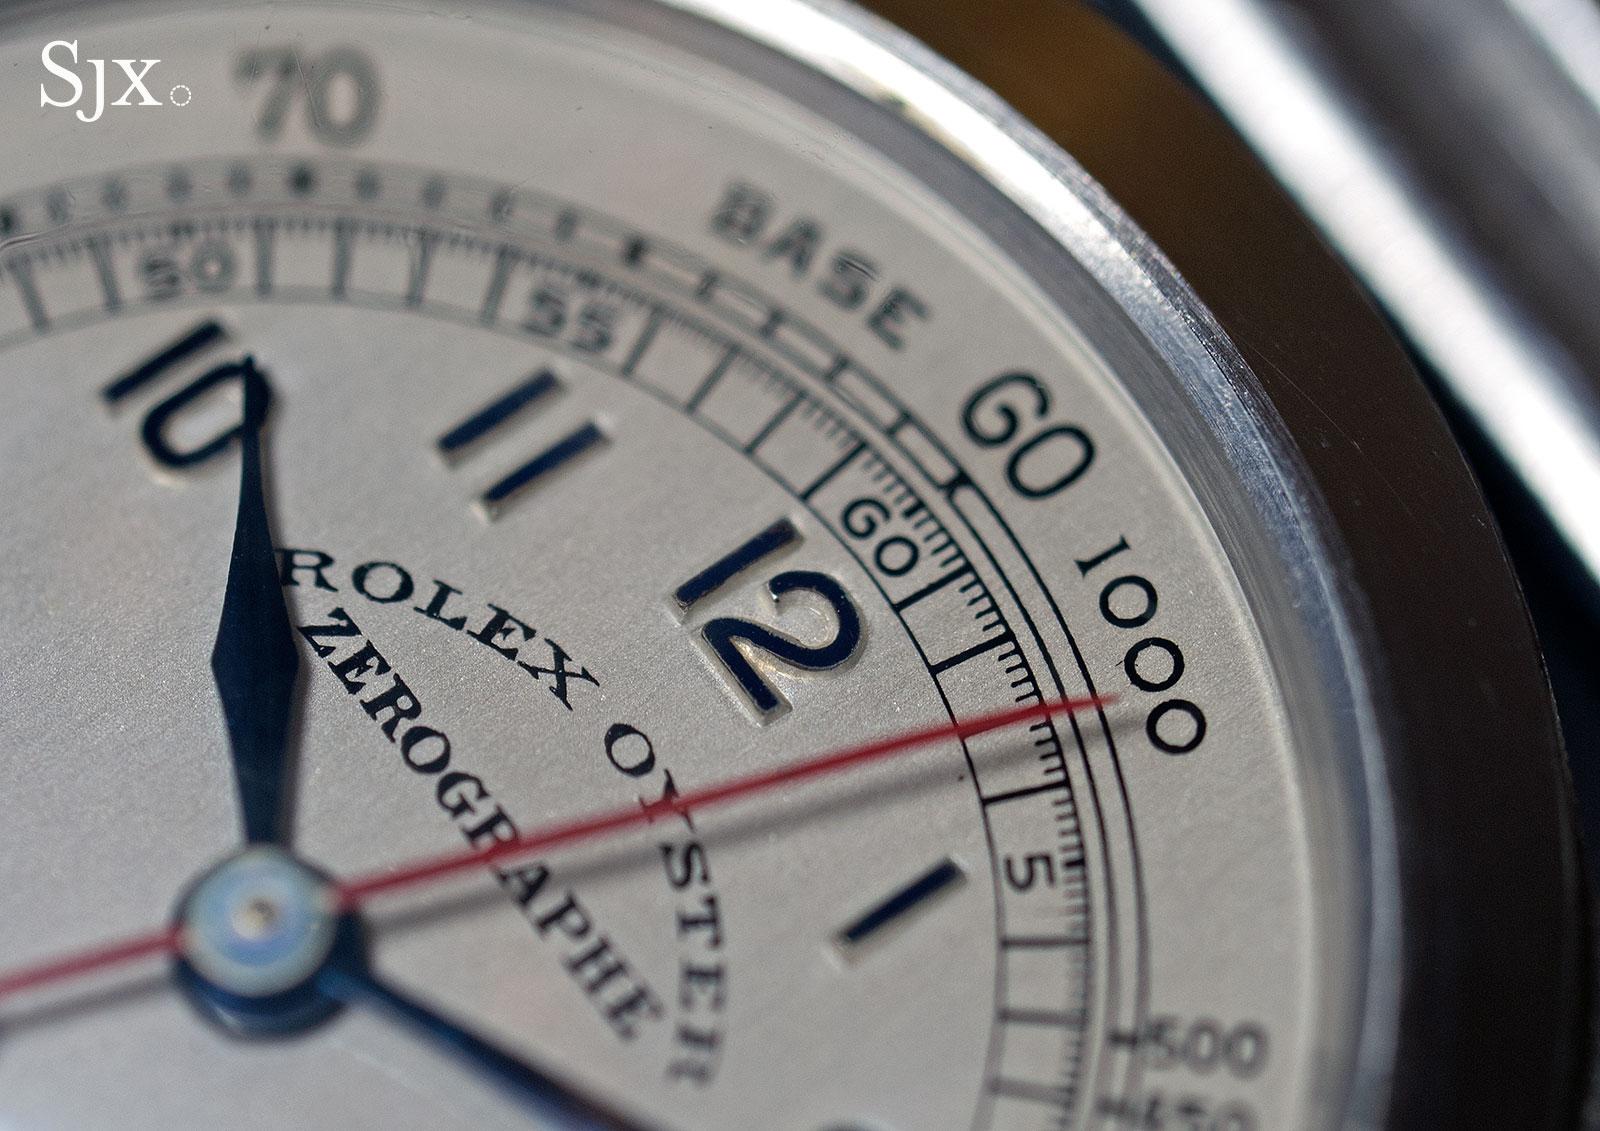 Rolex Zerographe 3890 tachymetre 5